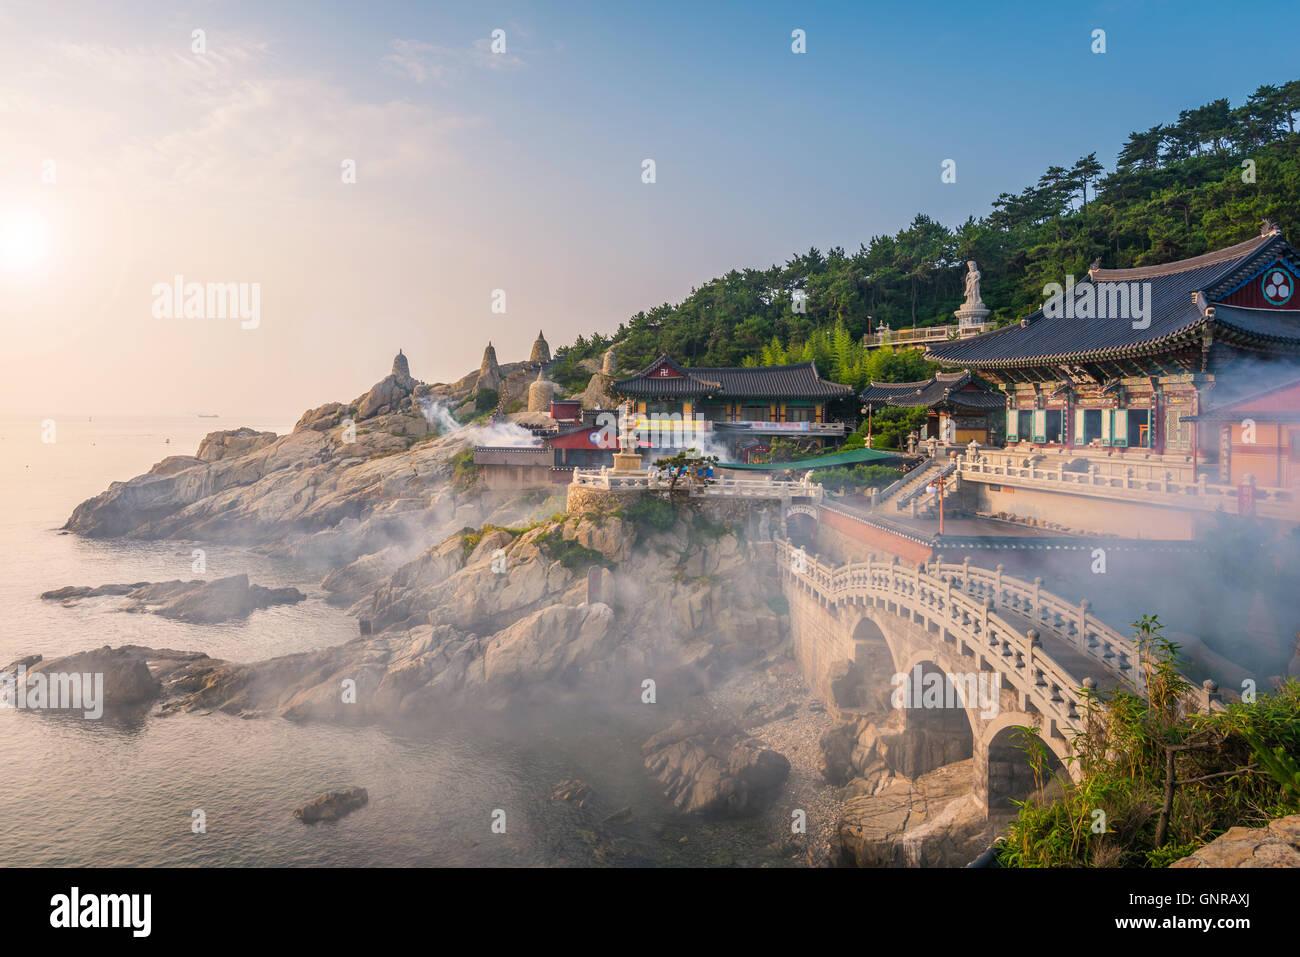 Haedong Yonggungsa tempio di Busan, Corea del Sud. Immagini Stock